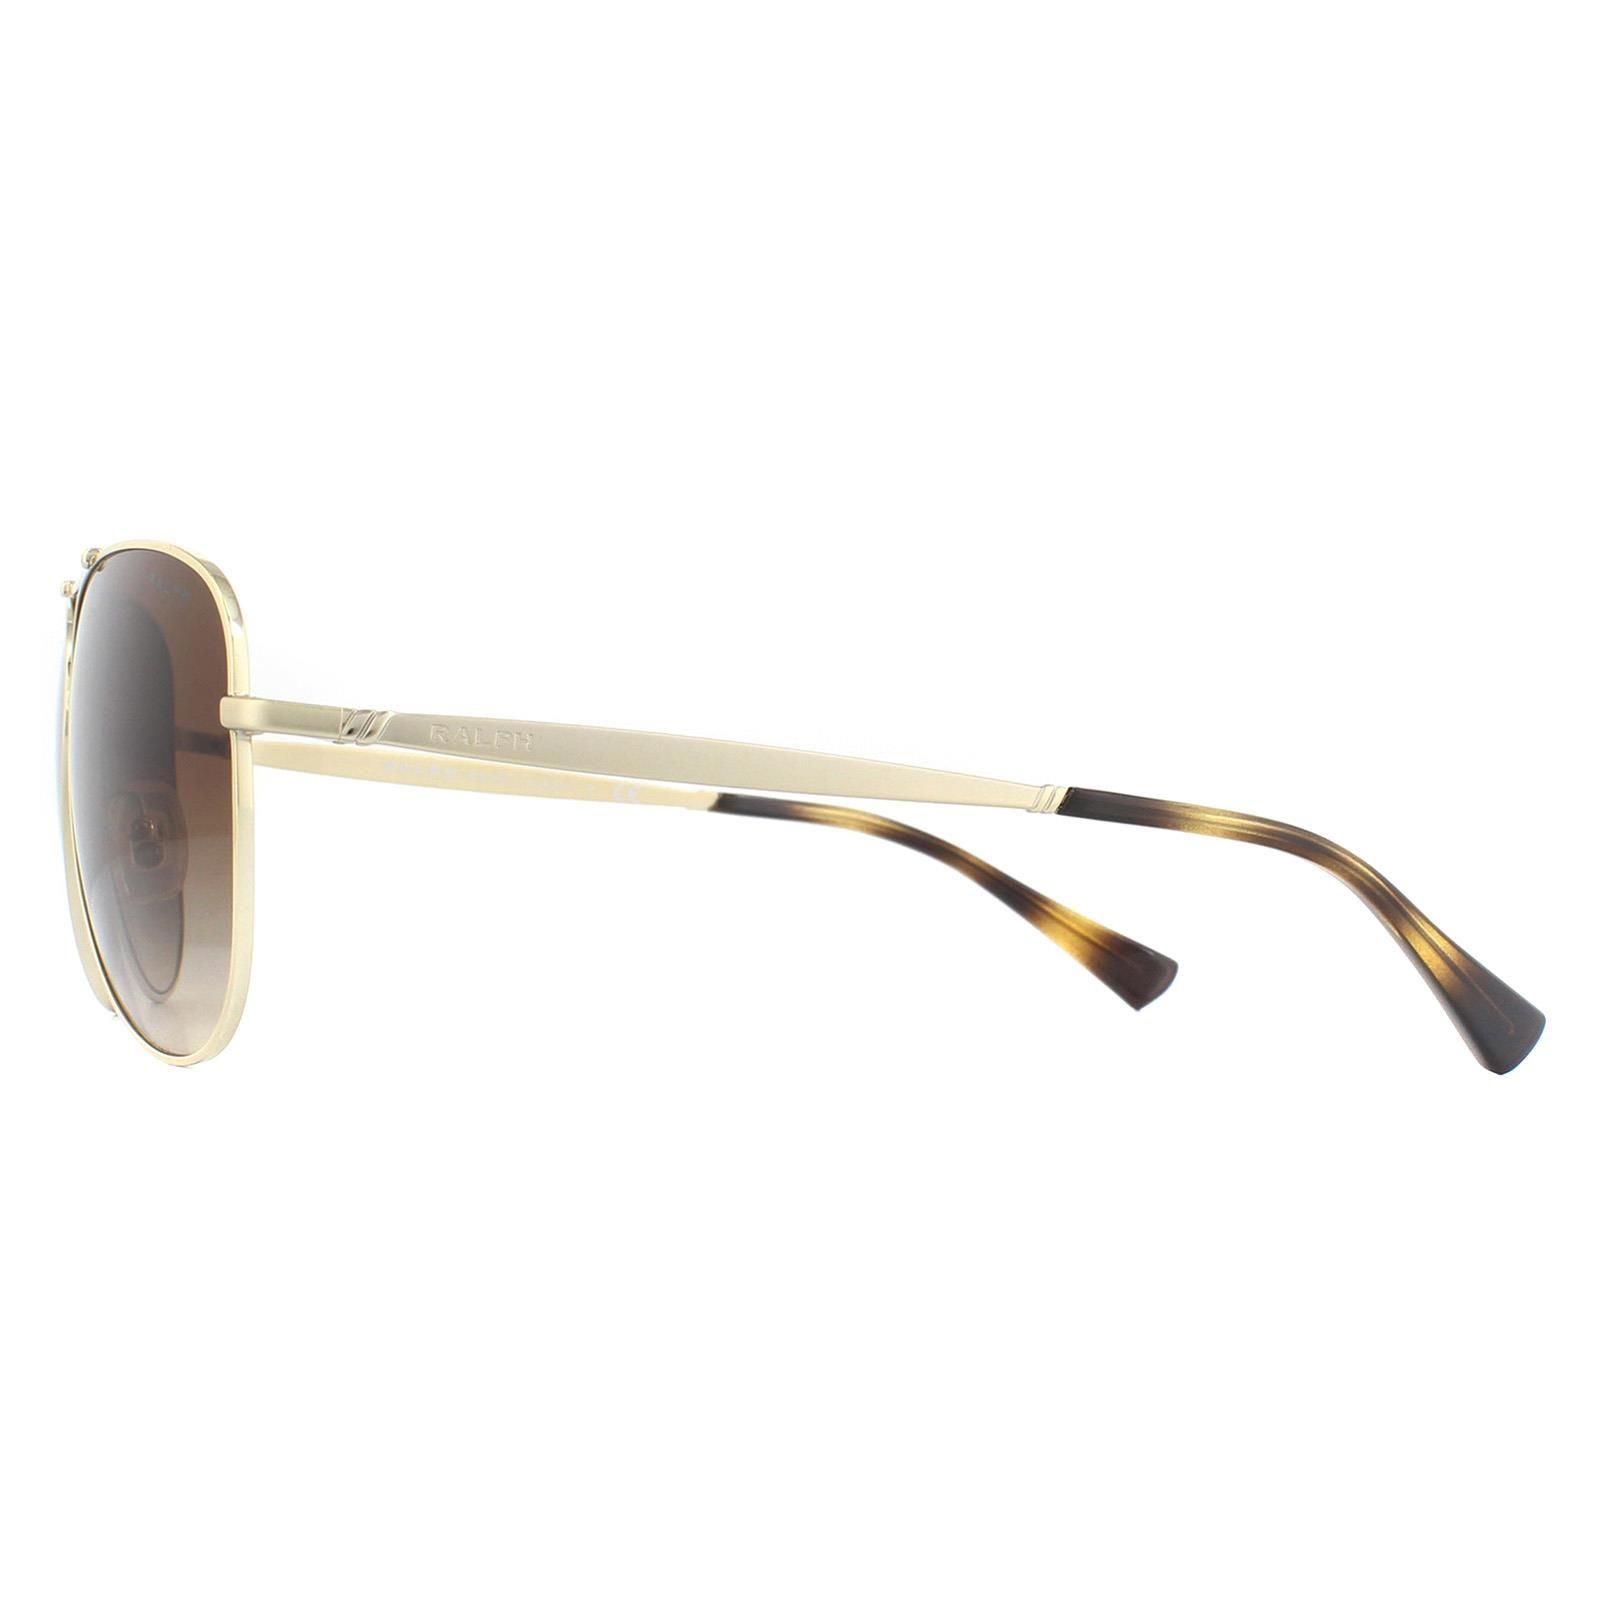 Ralph by Ralph Lauren Sunglasses RA4125 911613 Gold and Matte Gold Brown Gradient